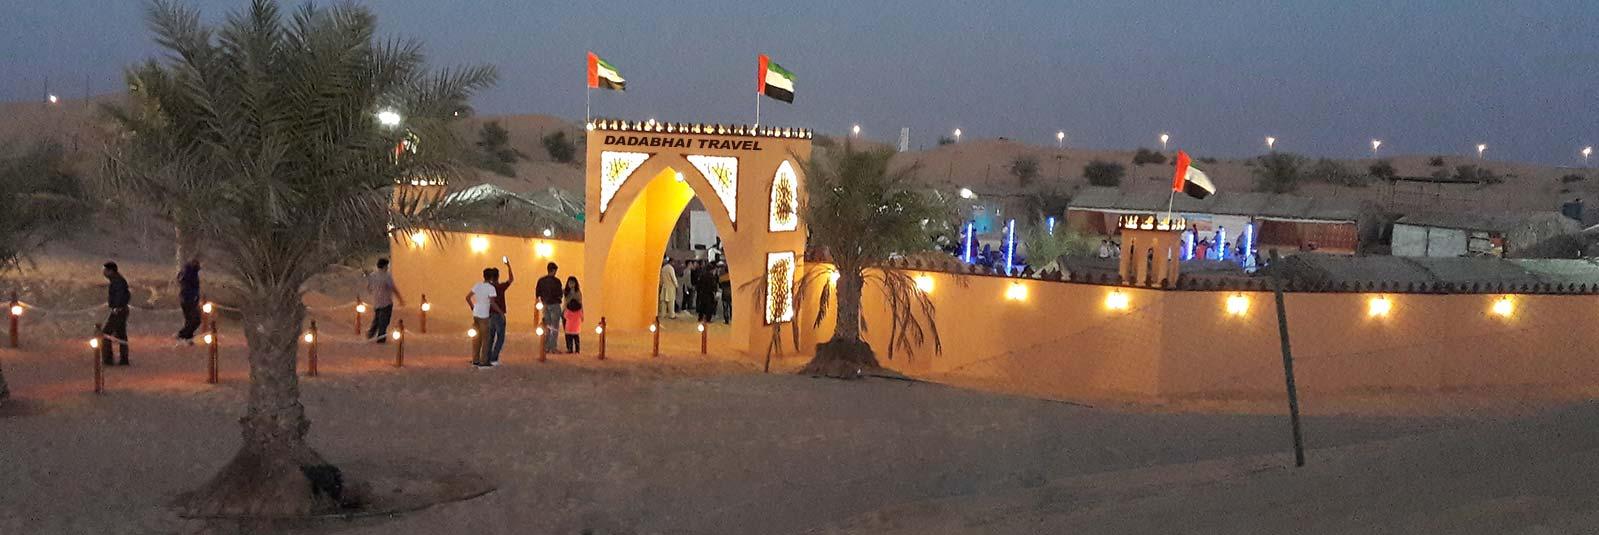 dadabhai-desert-camp-dubai